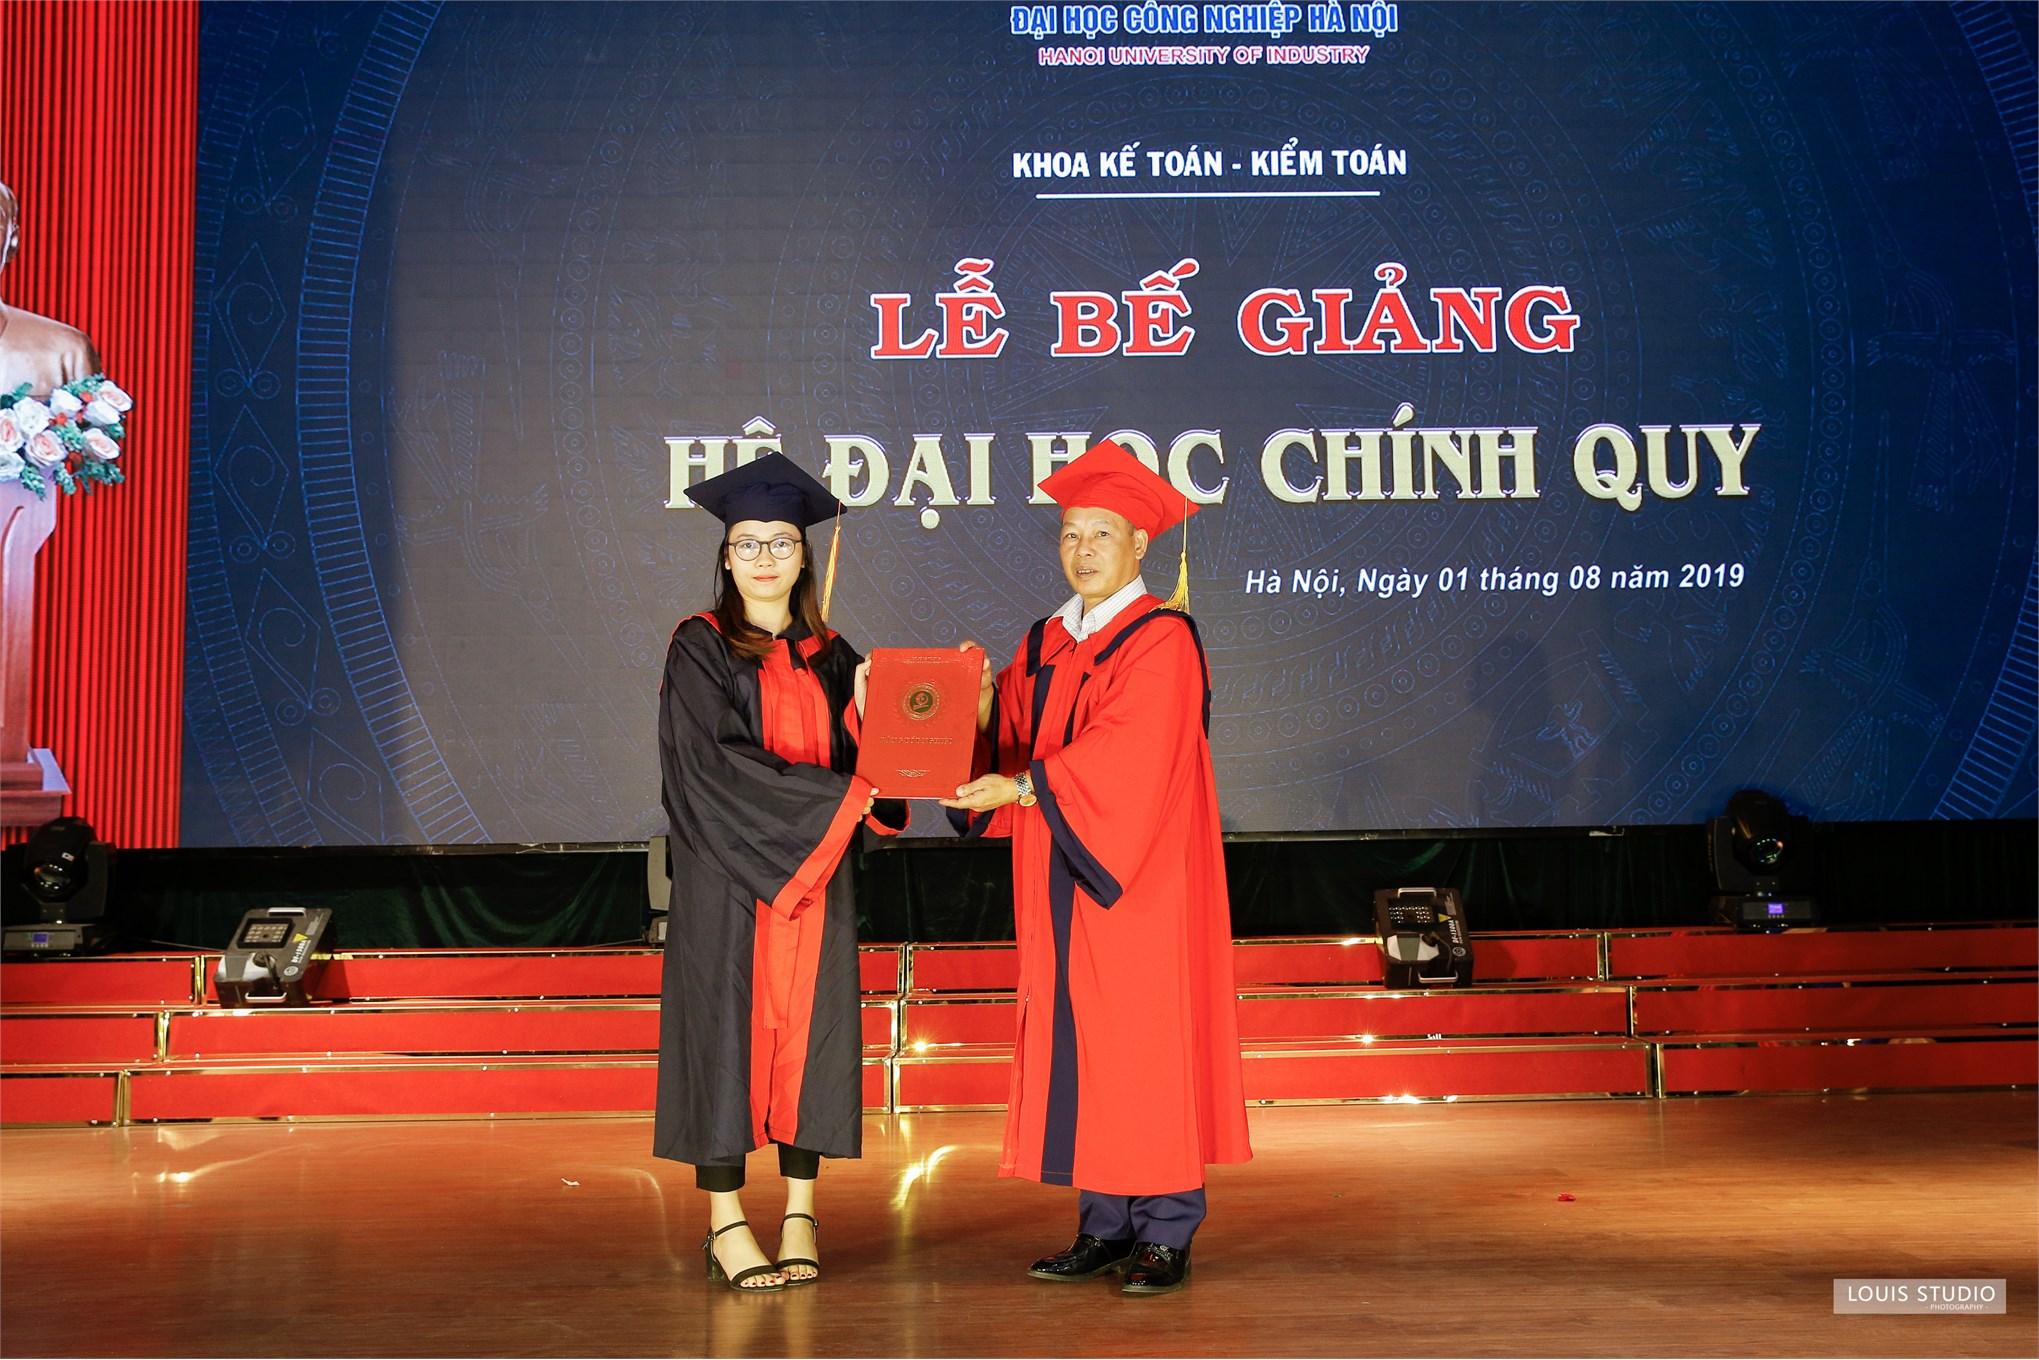 Lễ bế giảng và trao bằng tốt nghiệp cho sinh viên Đại học chính quy ngành Kế toán Kiểm toán khóa 10 (2015-2019)